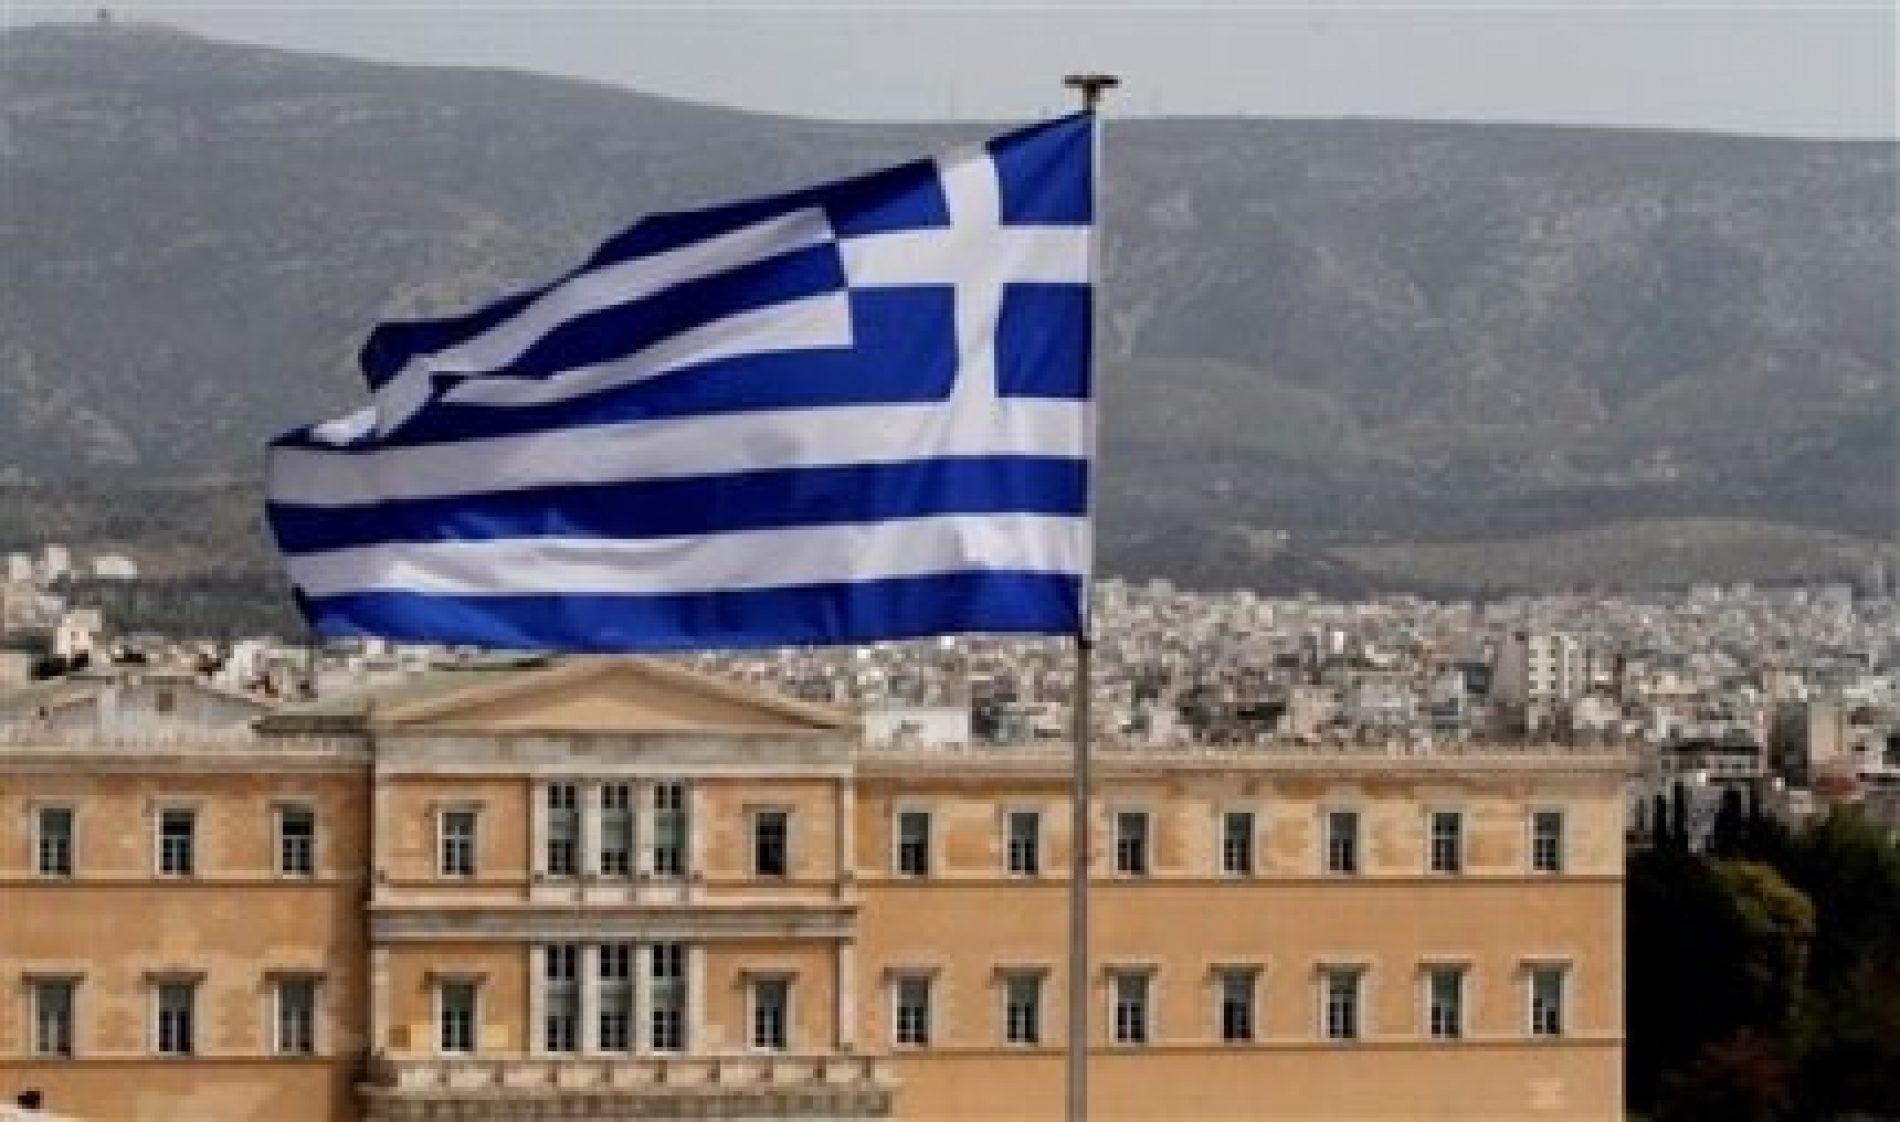 Greqia e preokupuar me probleme të tjera, emri nuk është në agjendën politike